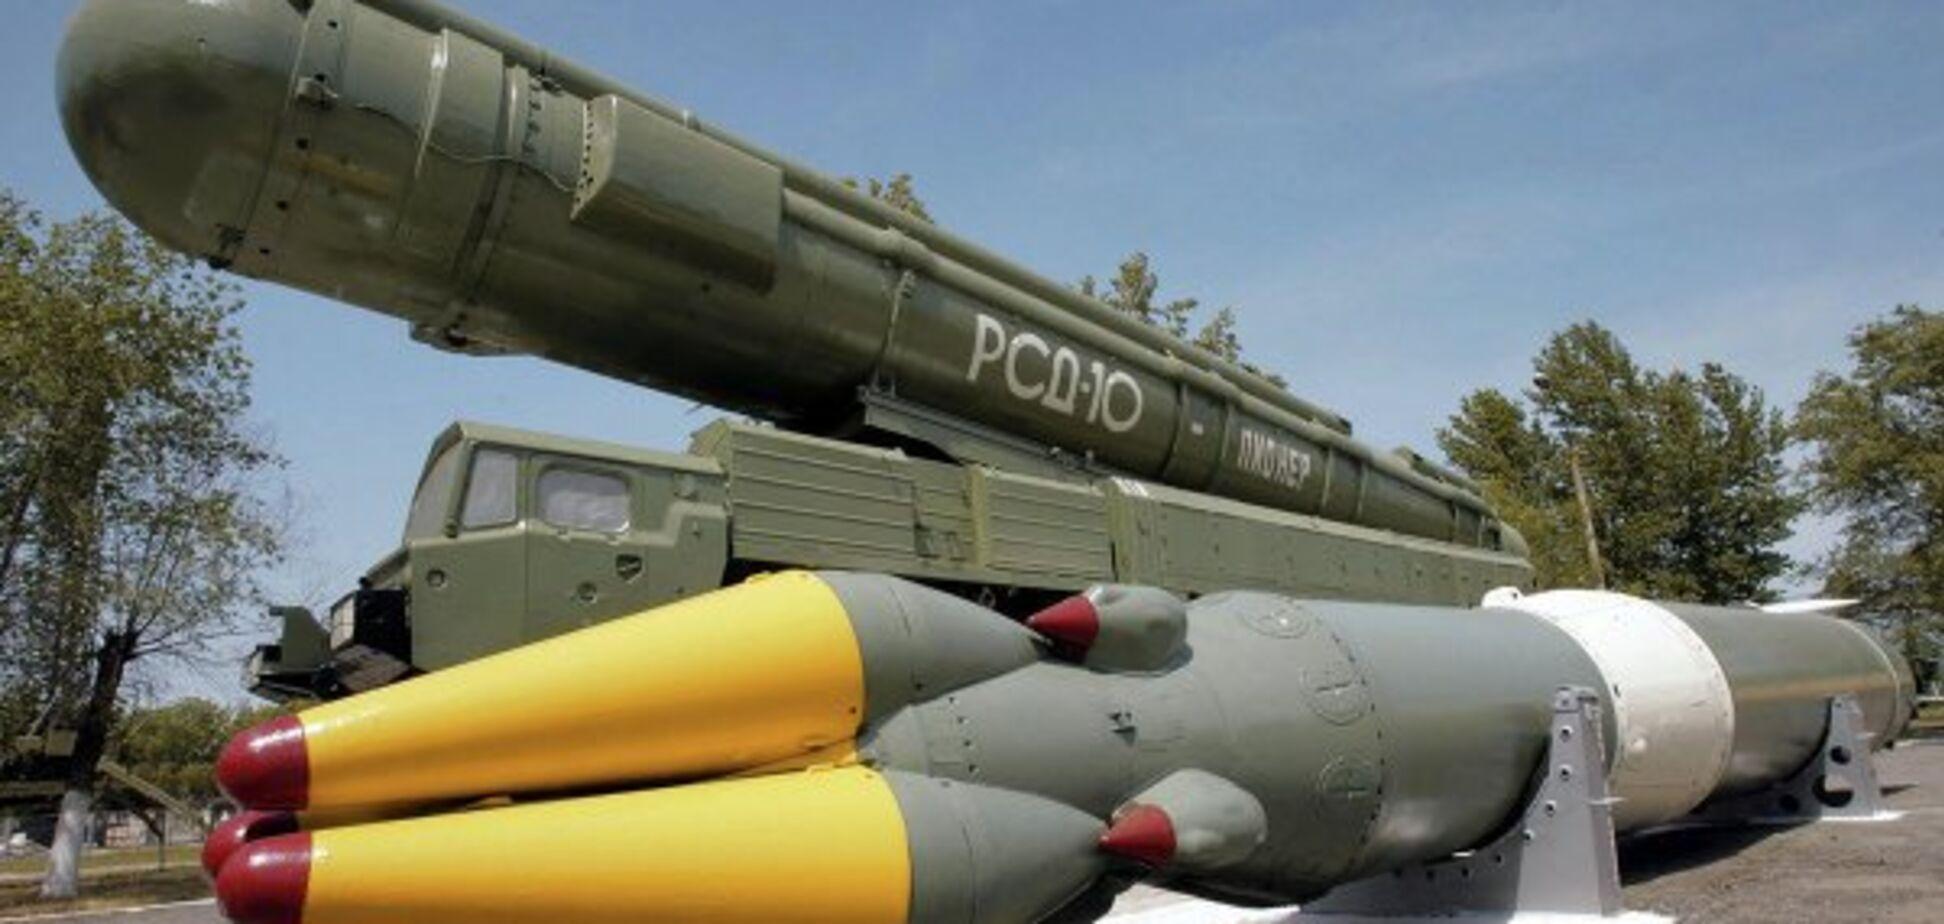 Ядерный удар по Украине: озвучена реальная угроза